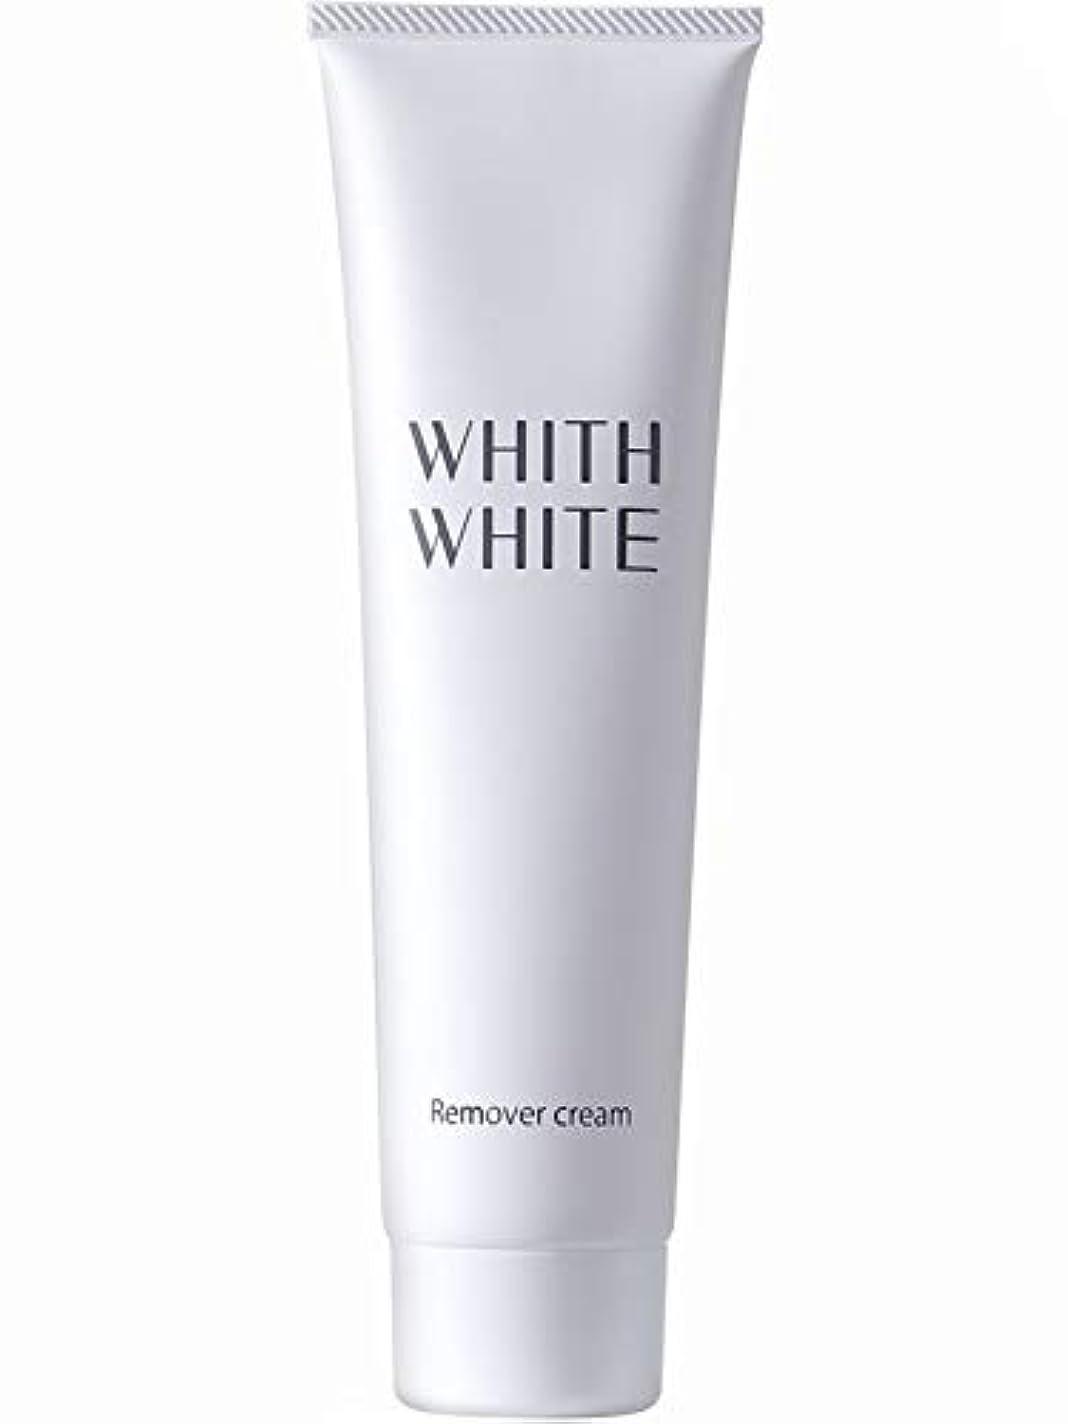 拒否眼グラフィック【医薬部外品】 WHITH WHITE(フィス ホワイト) 除毛クリーム 150g 陰部 使用可能